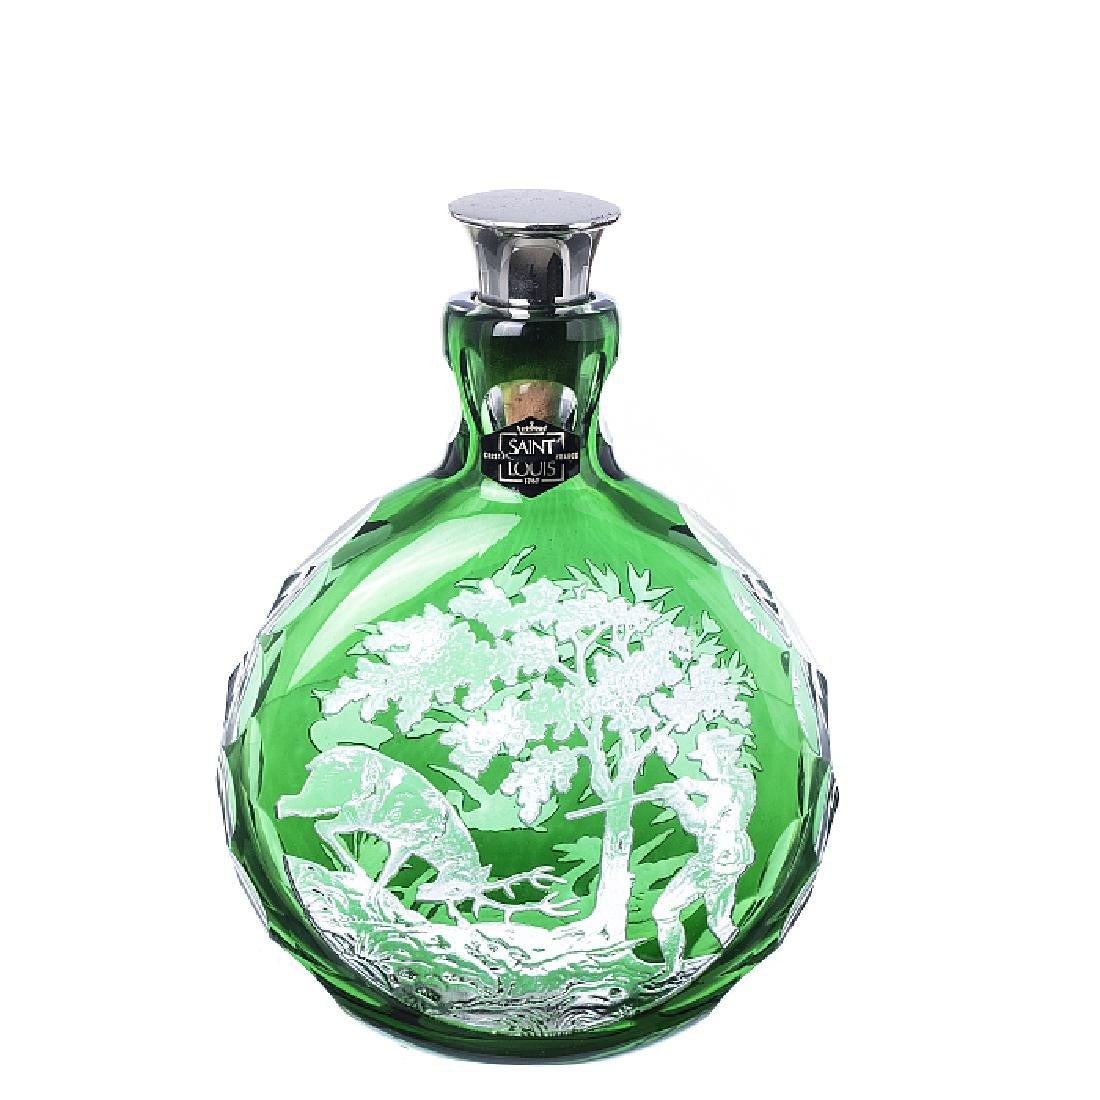 SAINT LOUIS - Bottle